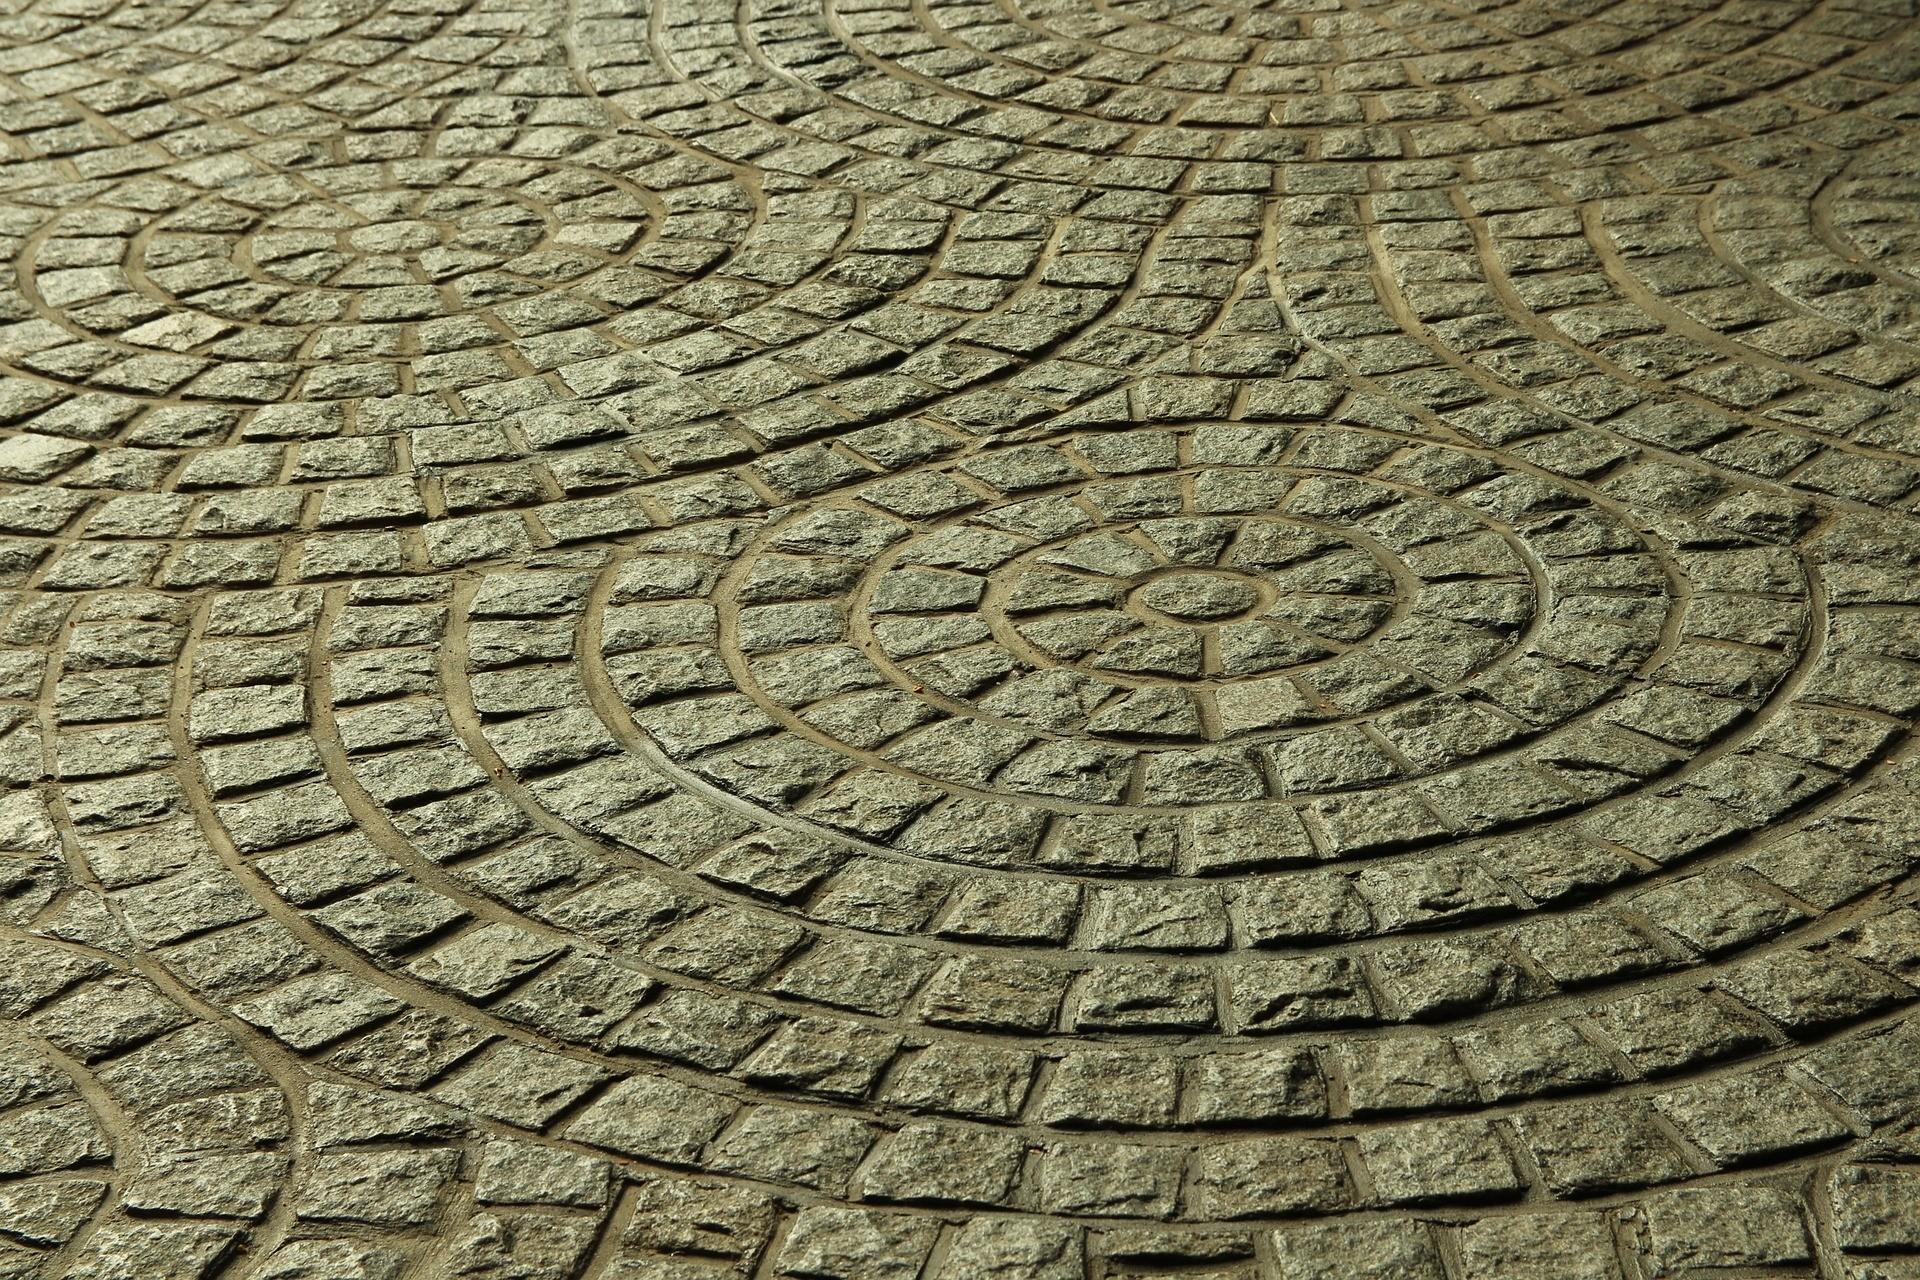 Qu es piso definici n concepto y significado - Que es un piso vinilico ...